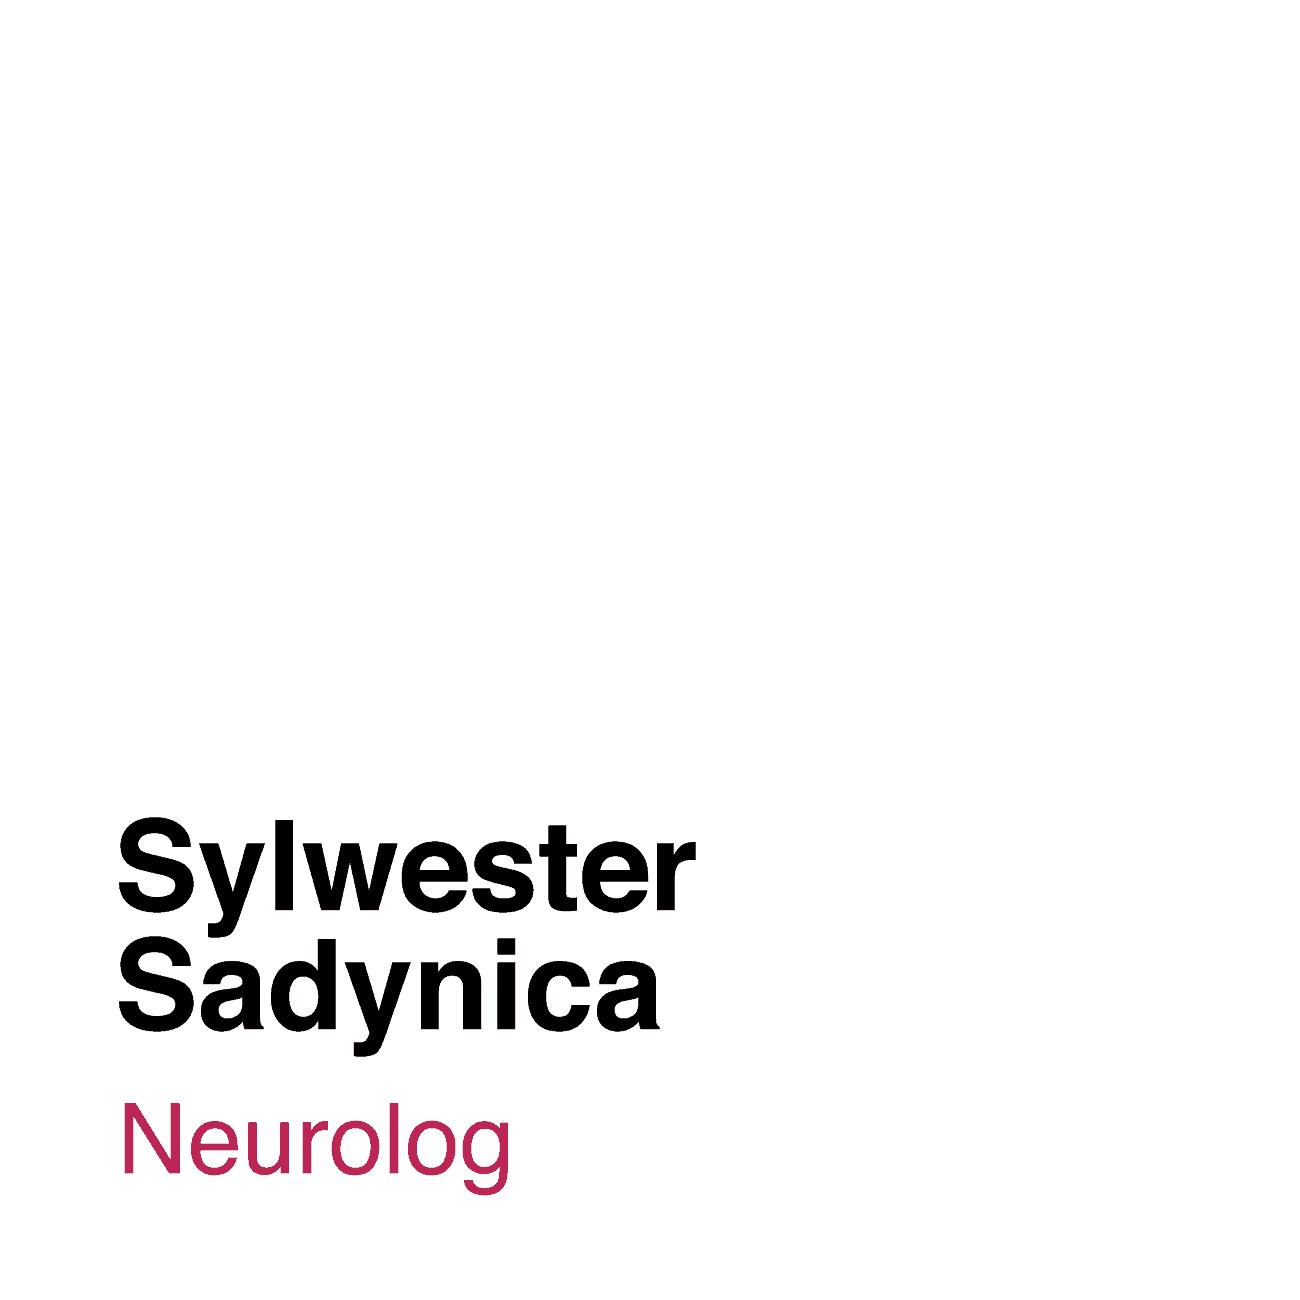 Ilustracja z białym tłem i podpisem Sylwester Sadynica, który współpracuje z Medicana w roli lekarza neurologa.